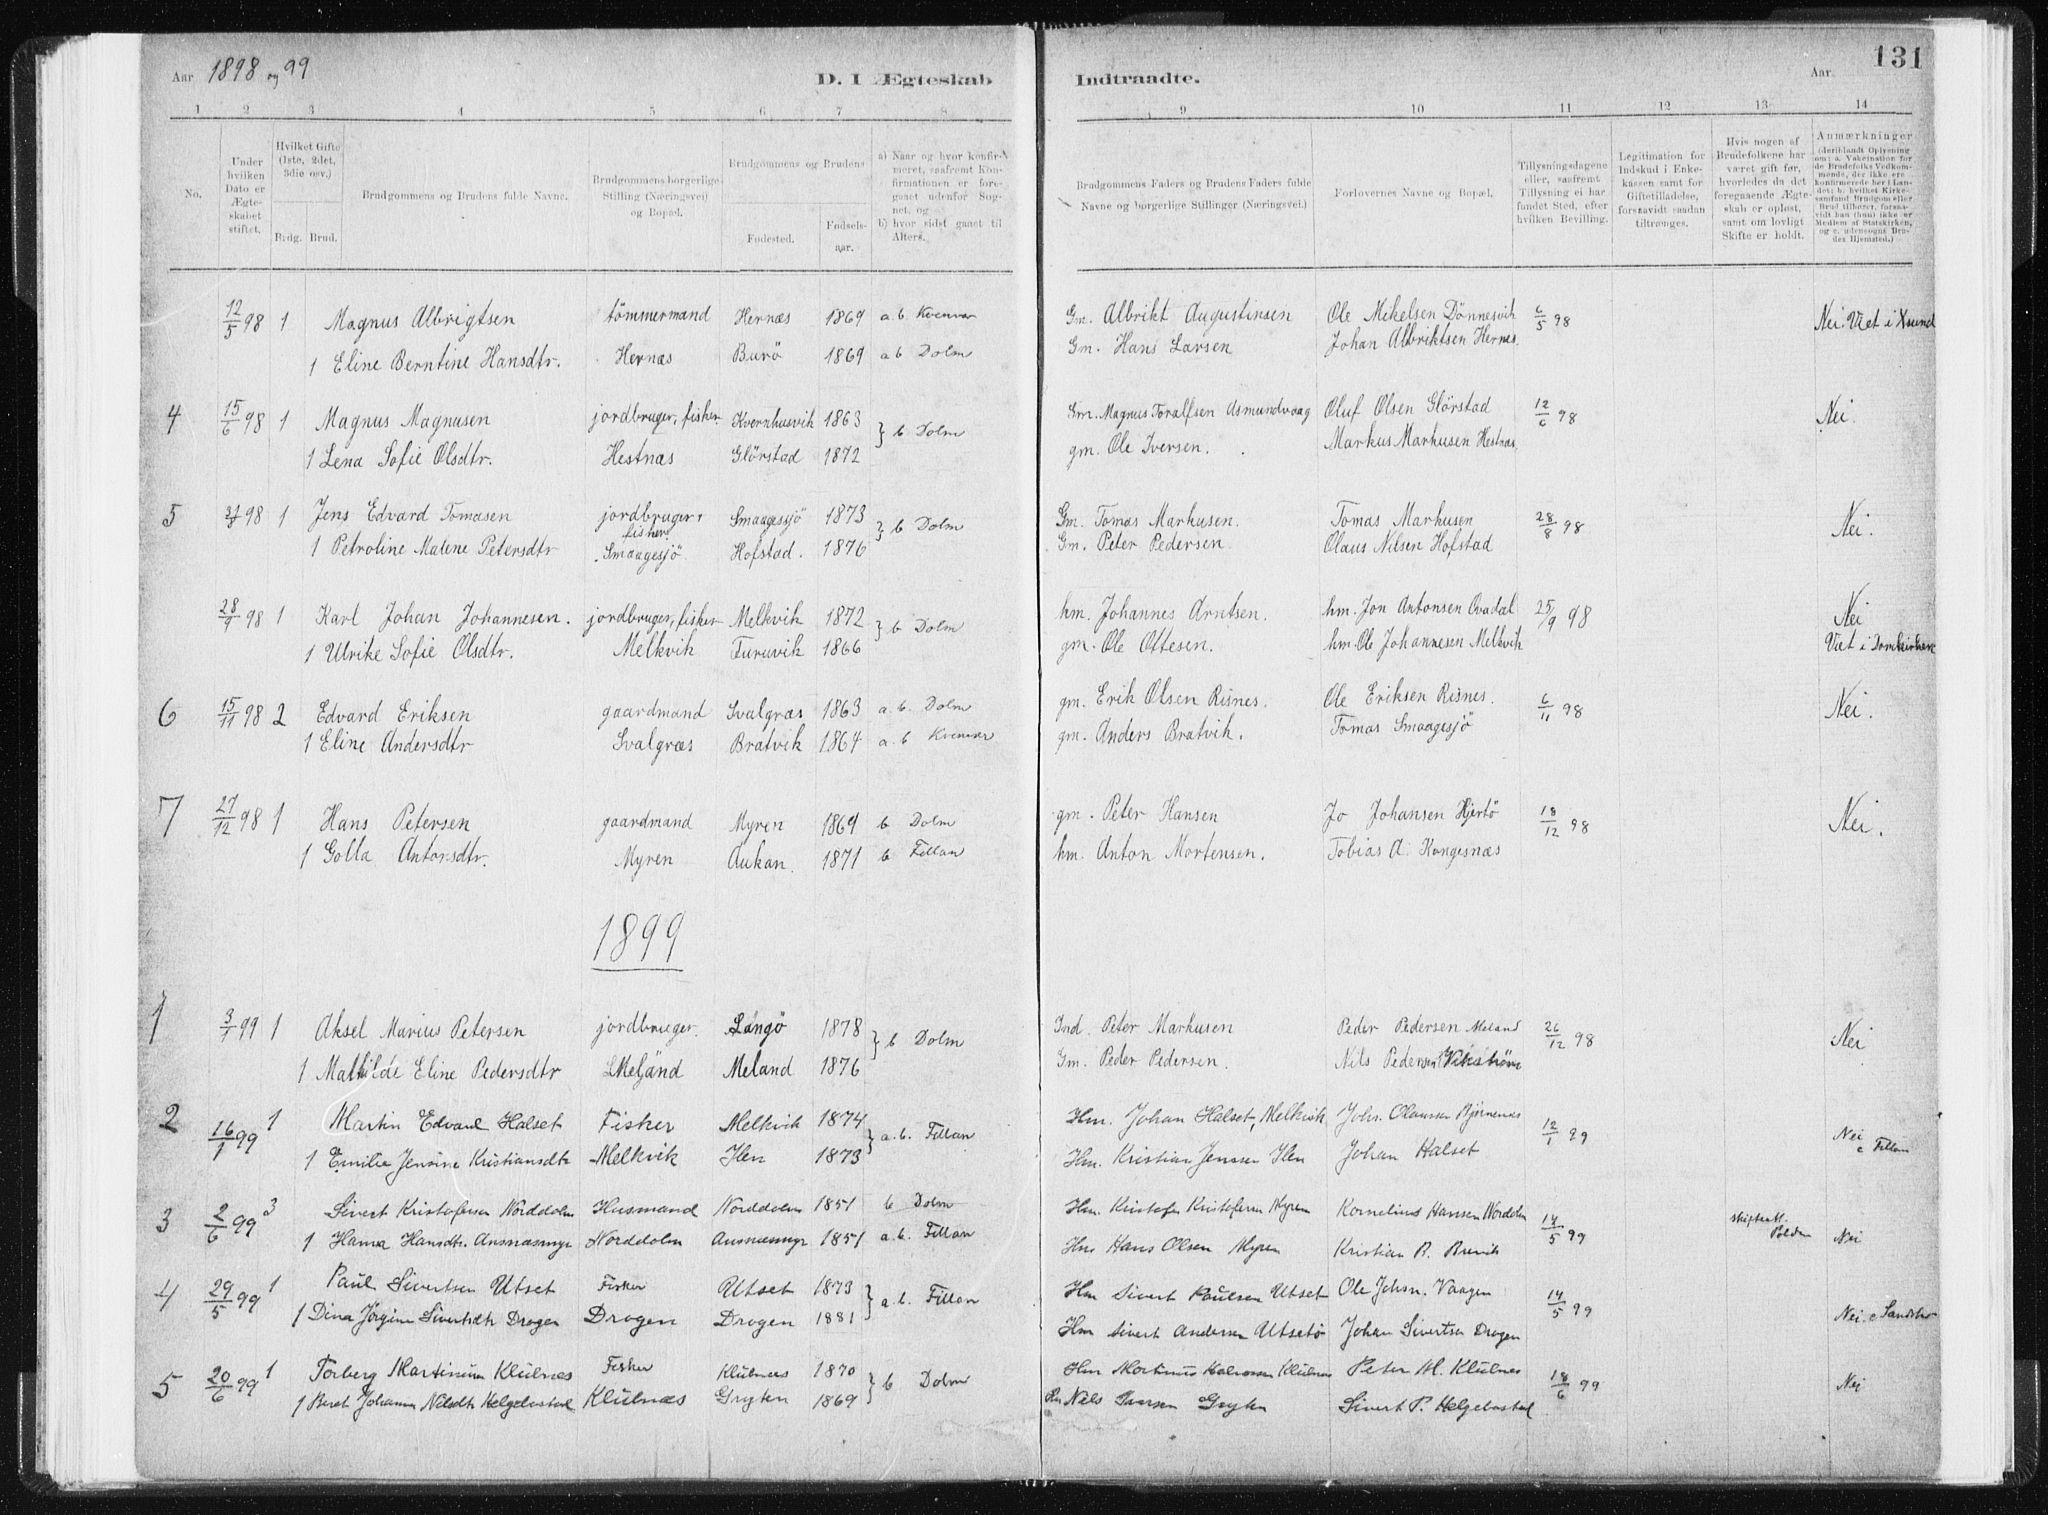 SAT, Ministerialprotokoller, klokkerbøker og fødselsregistre - Sør-Trøndelag, 634/L0533: Ministerialbok nr. 634A09, 1882-1901, s. 131